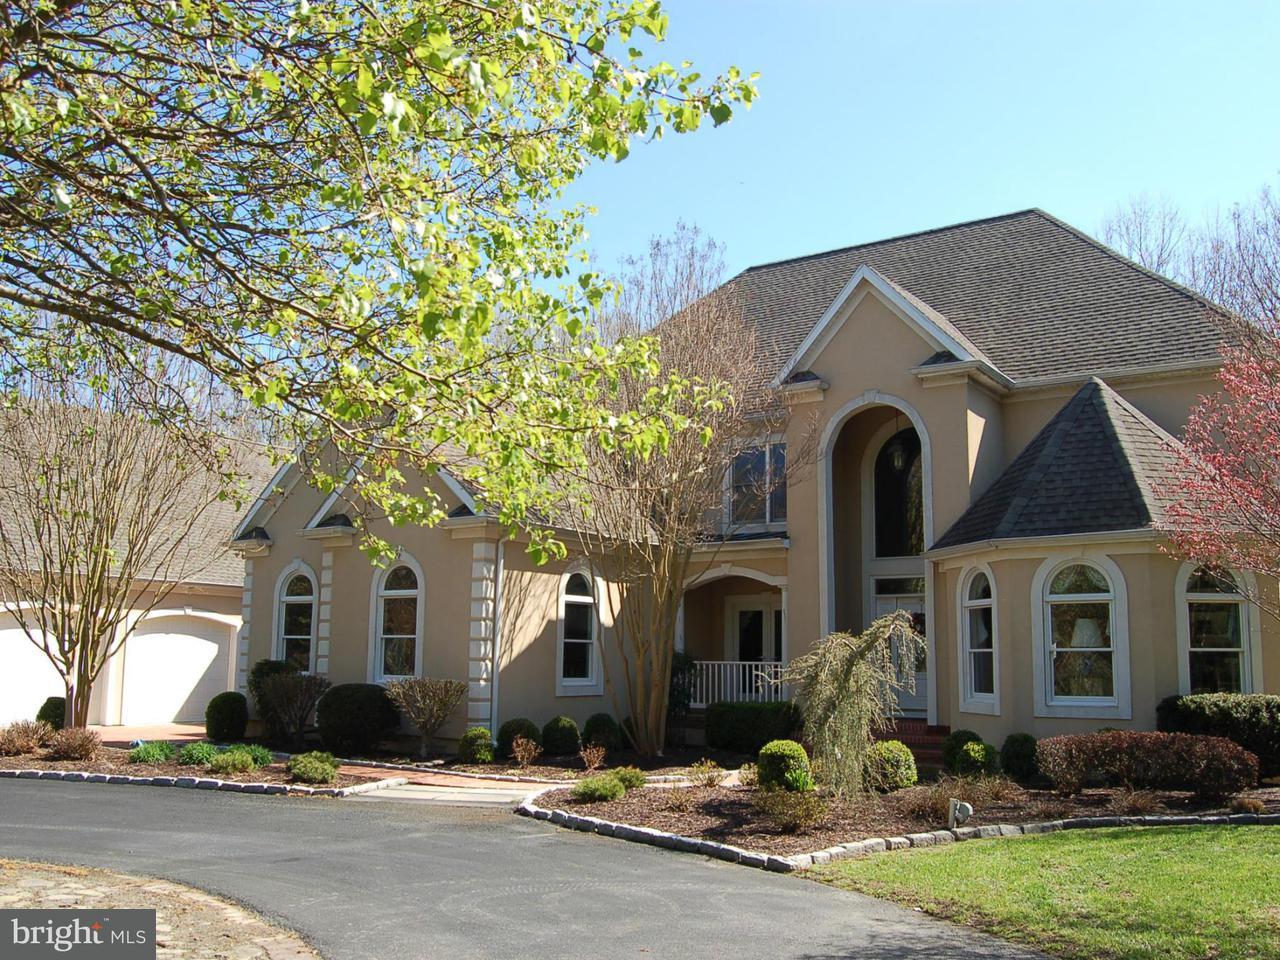 Single Family Home for Sale at 3787 MARGITS Lane 3787 MARGITS Lane Trappe, Maryland 21673 United States